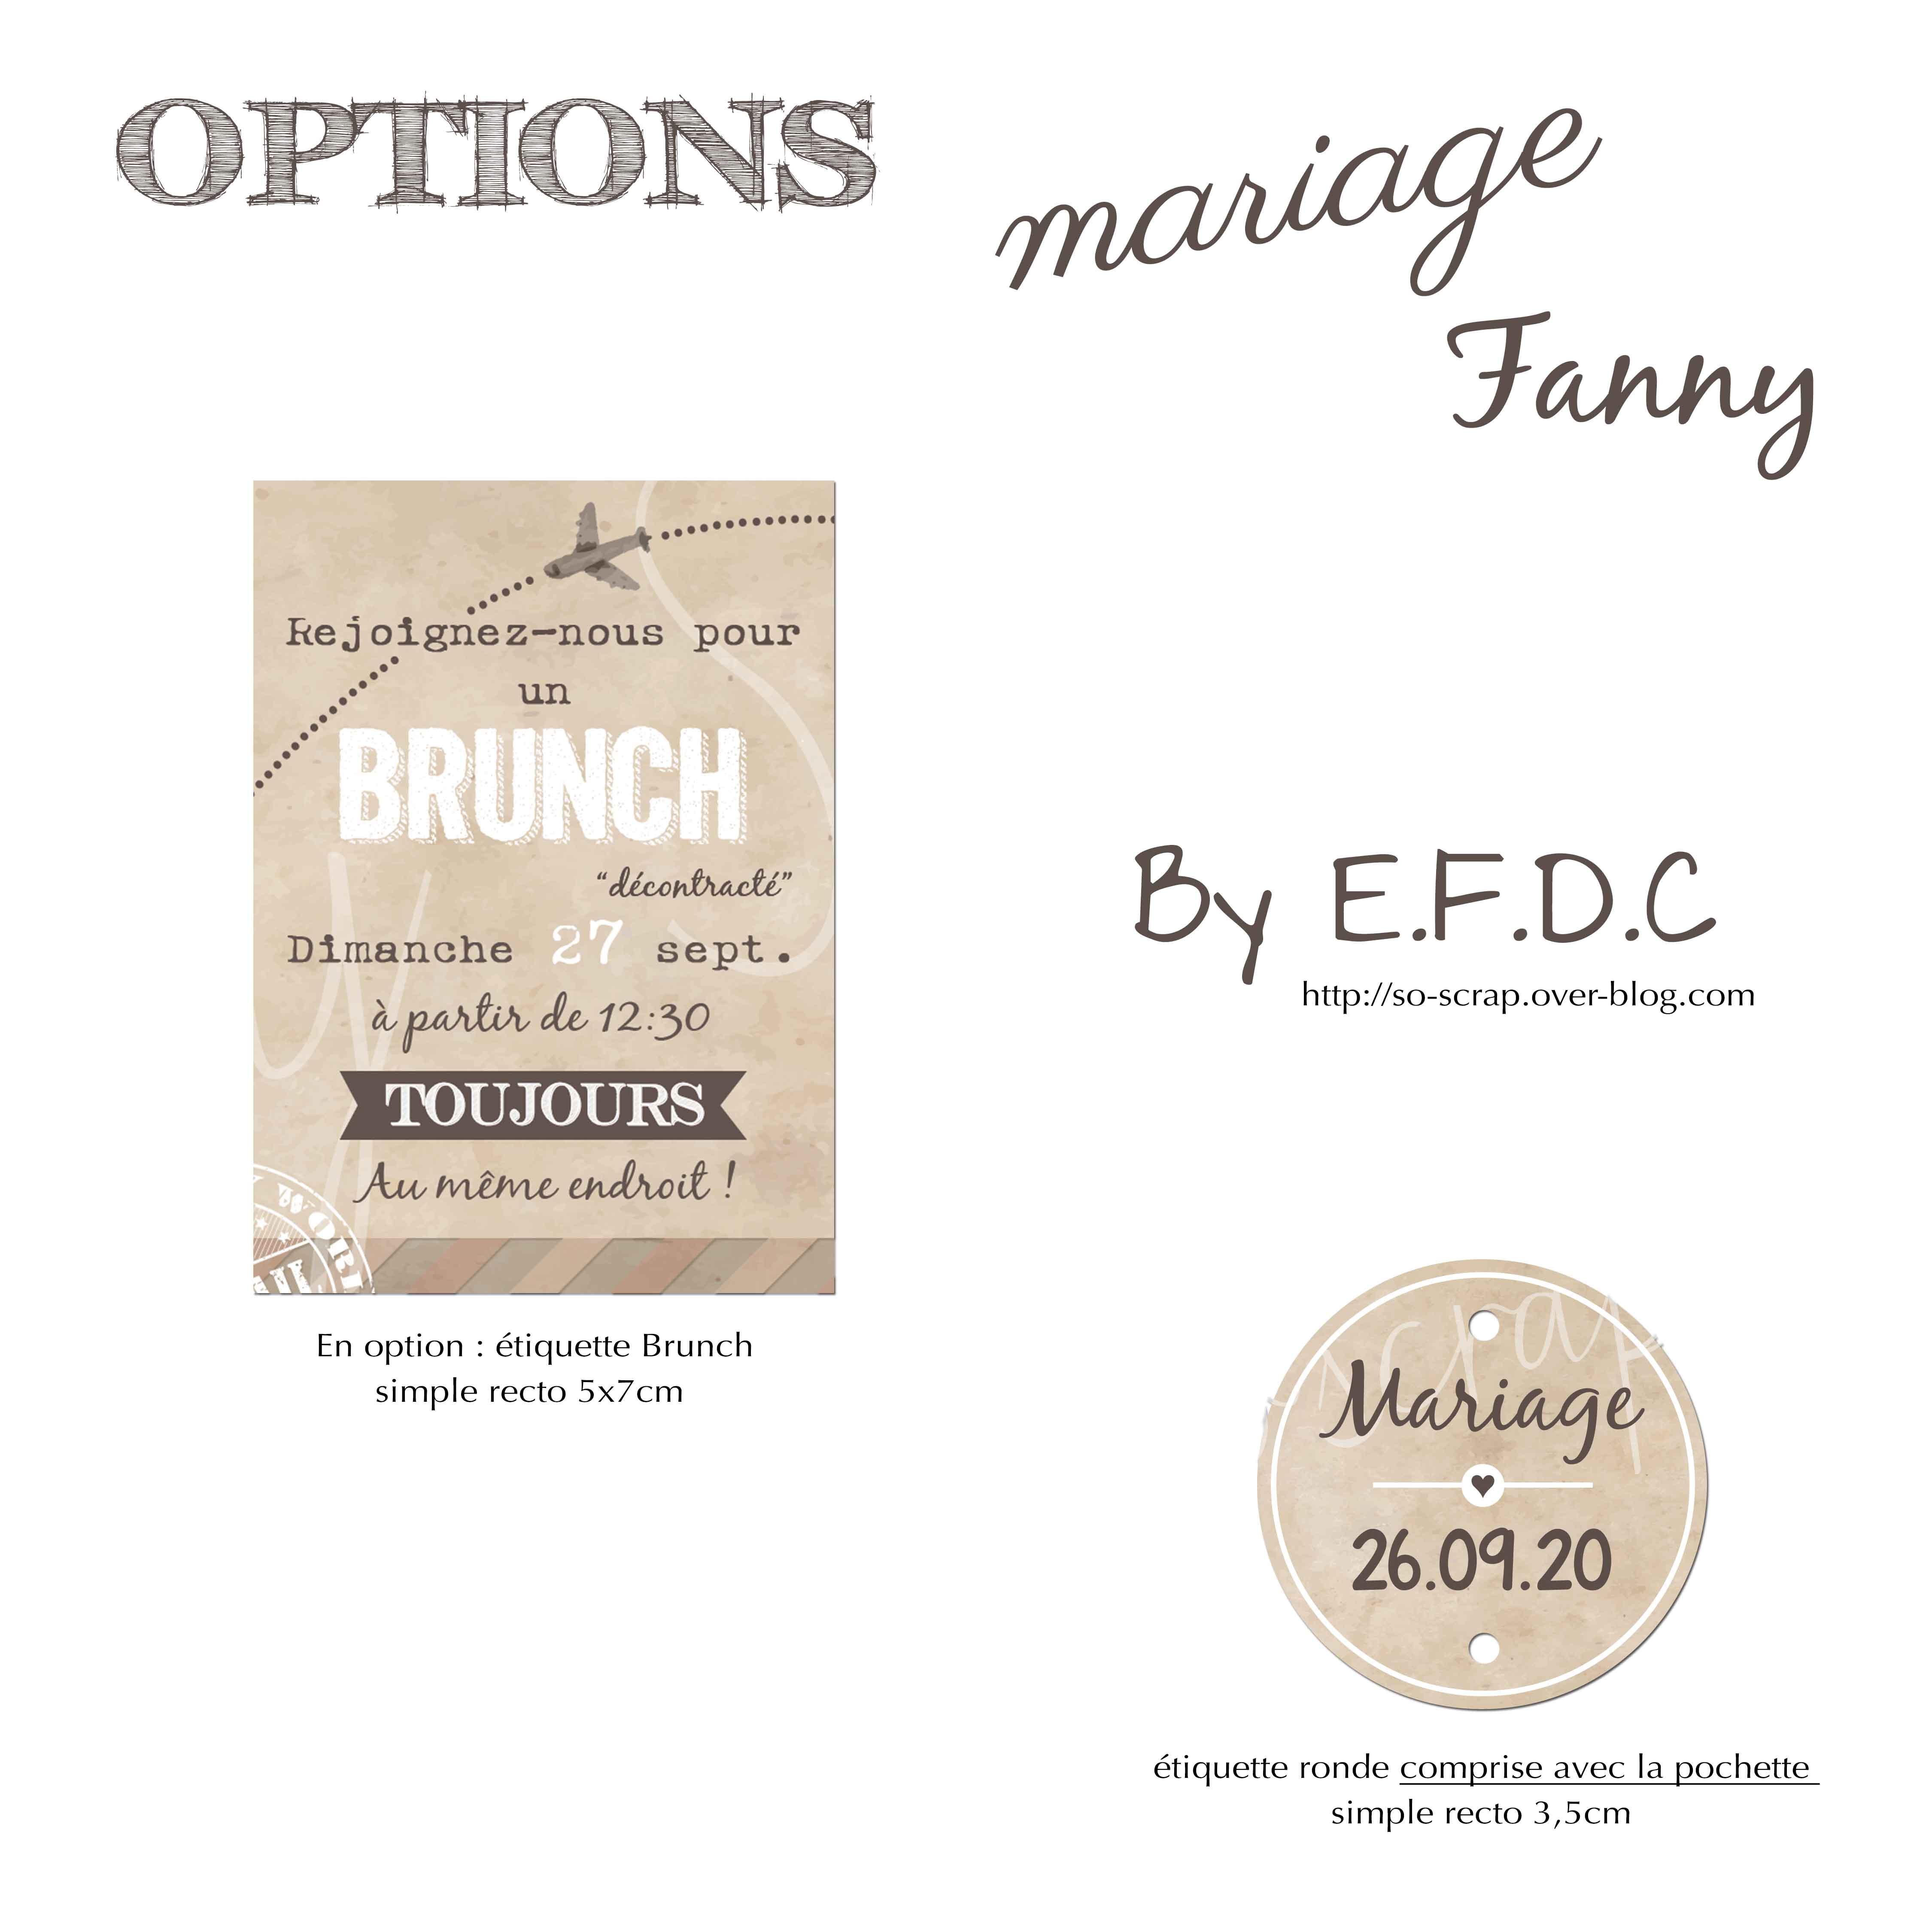 options assorties au faire part de mariage thème voyage rétro vintage #efdcbysoscrap carton BRUNCH étiquette ronde comprise avec pochette